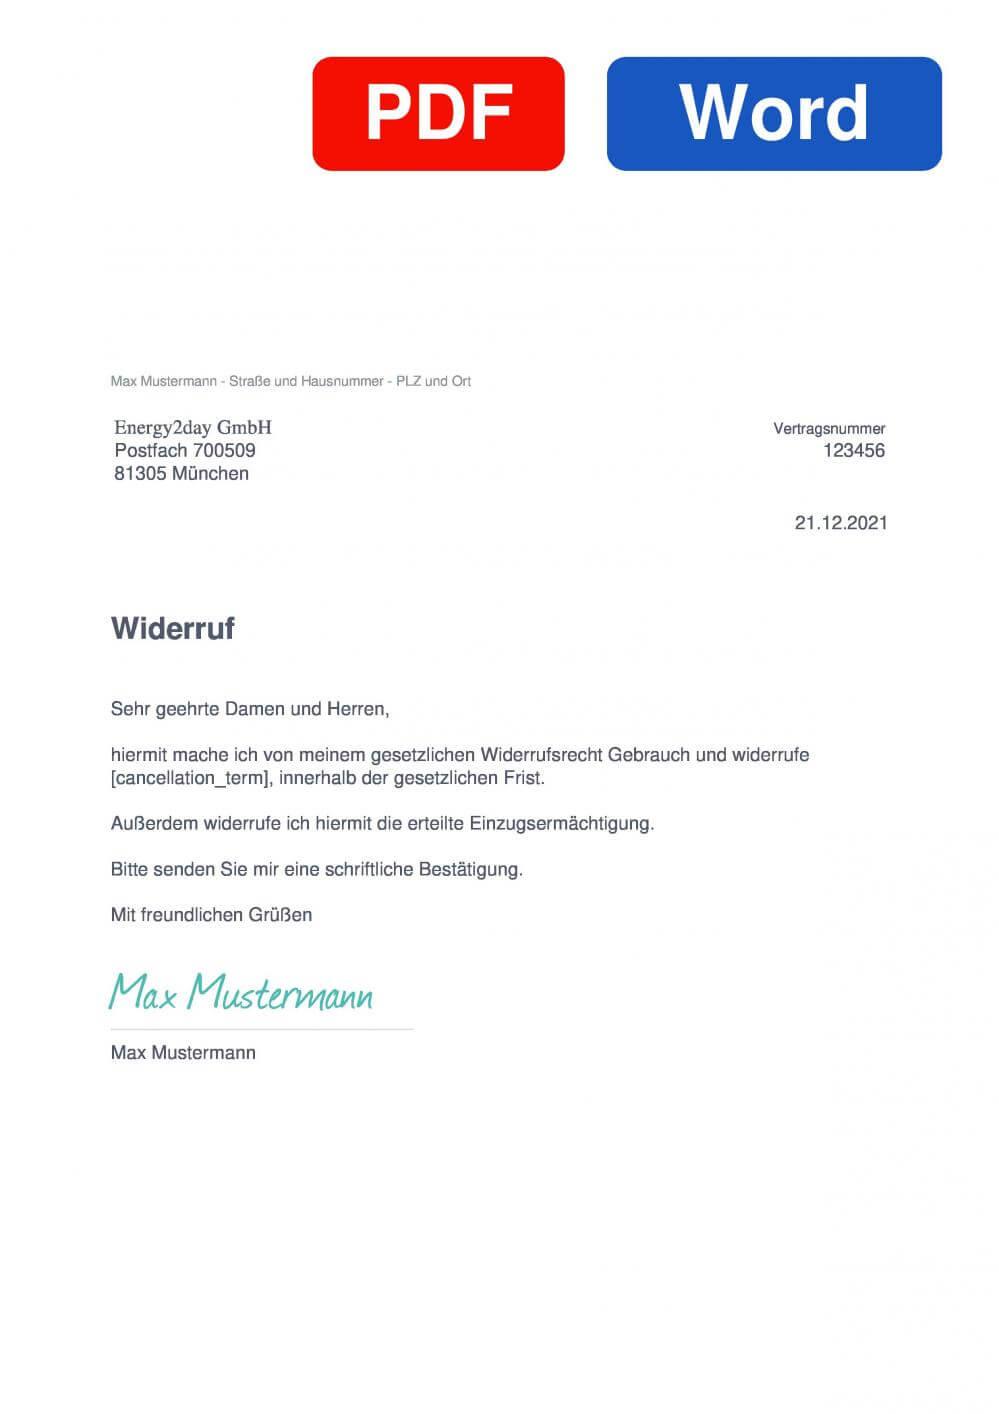 SorglosStrom Muster Vorlage für Wiederrufsschreiben